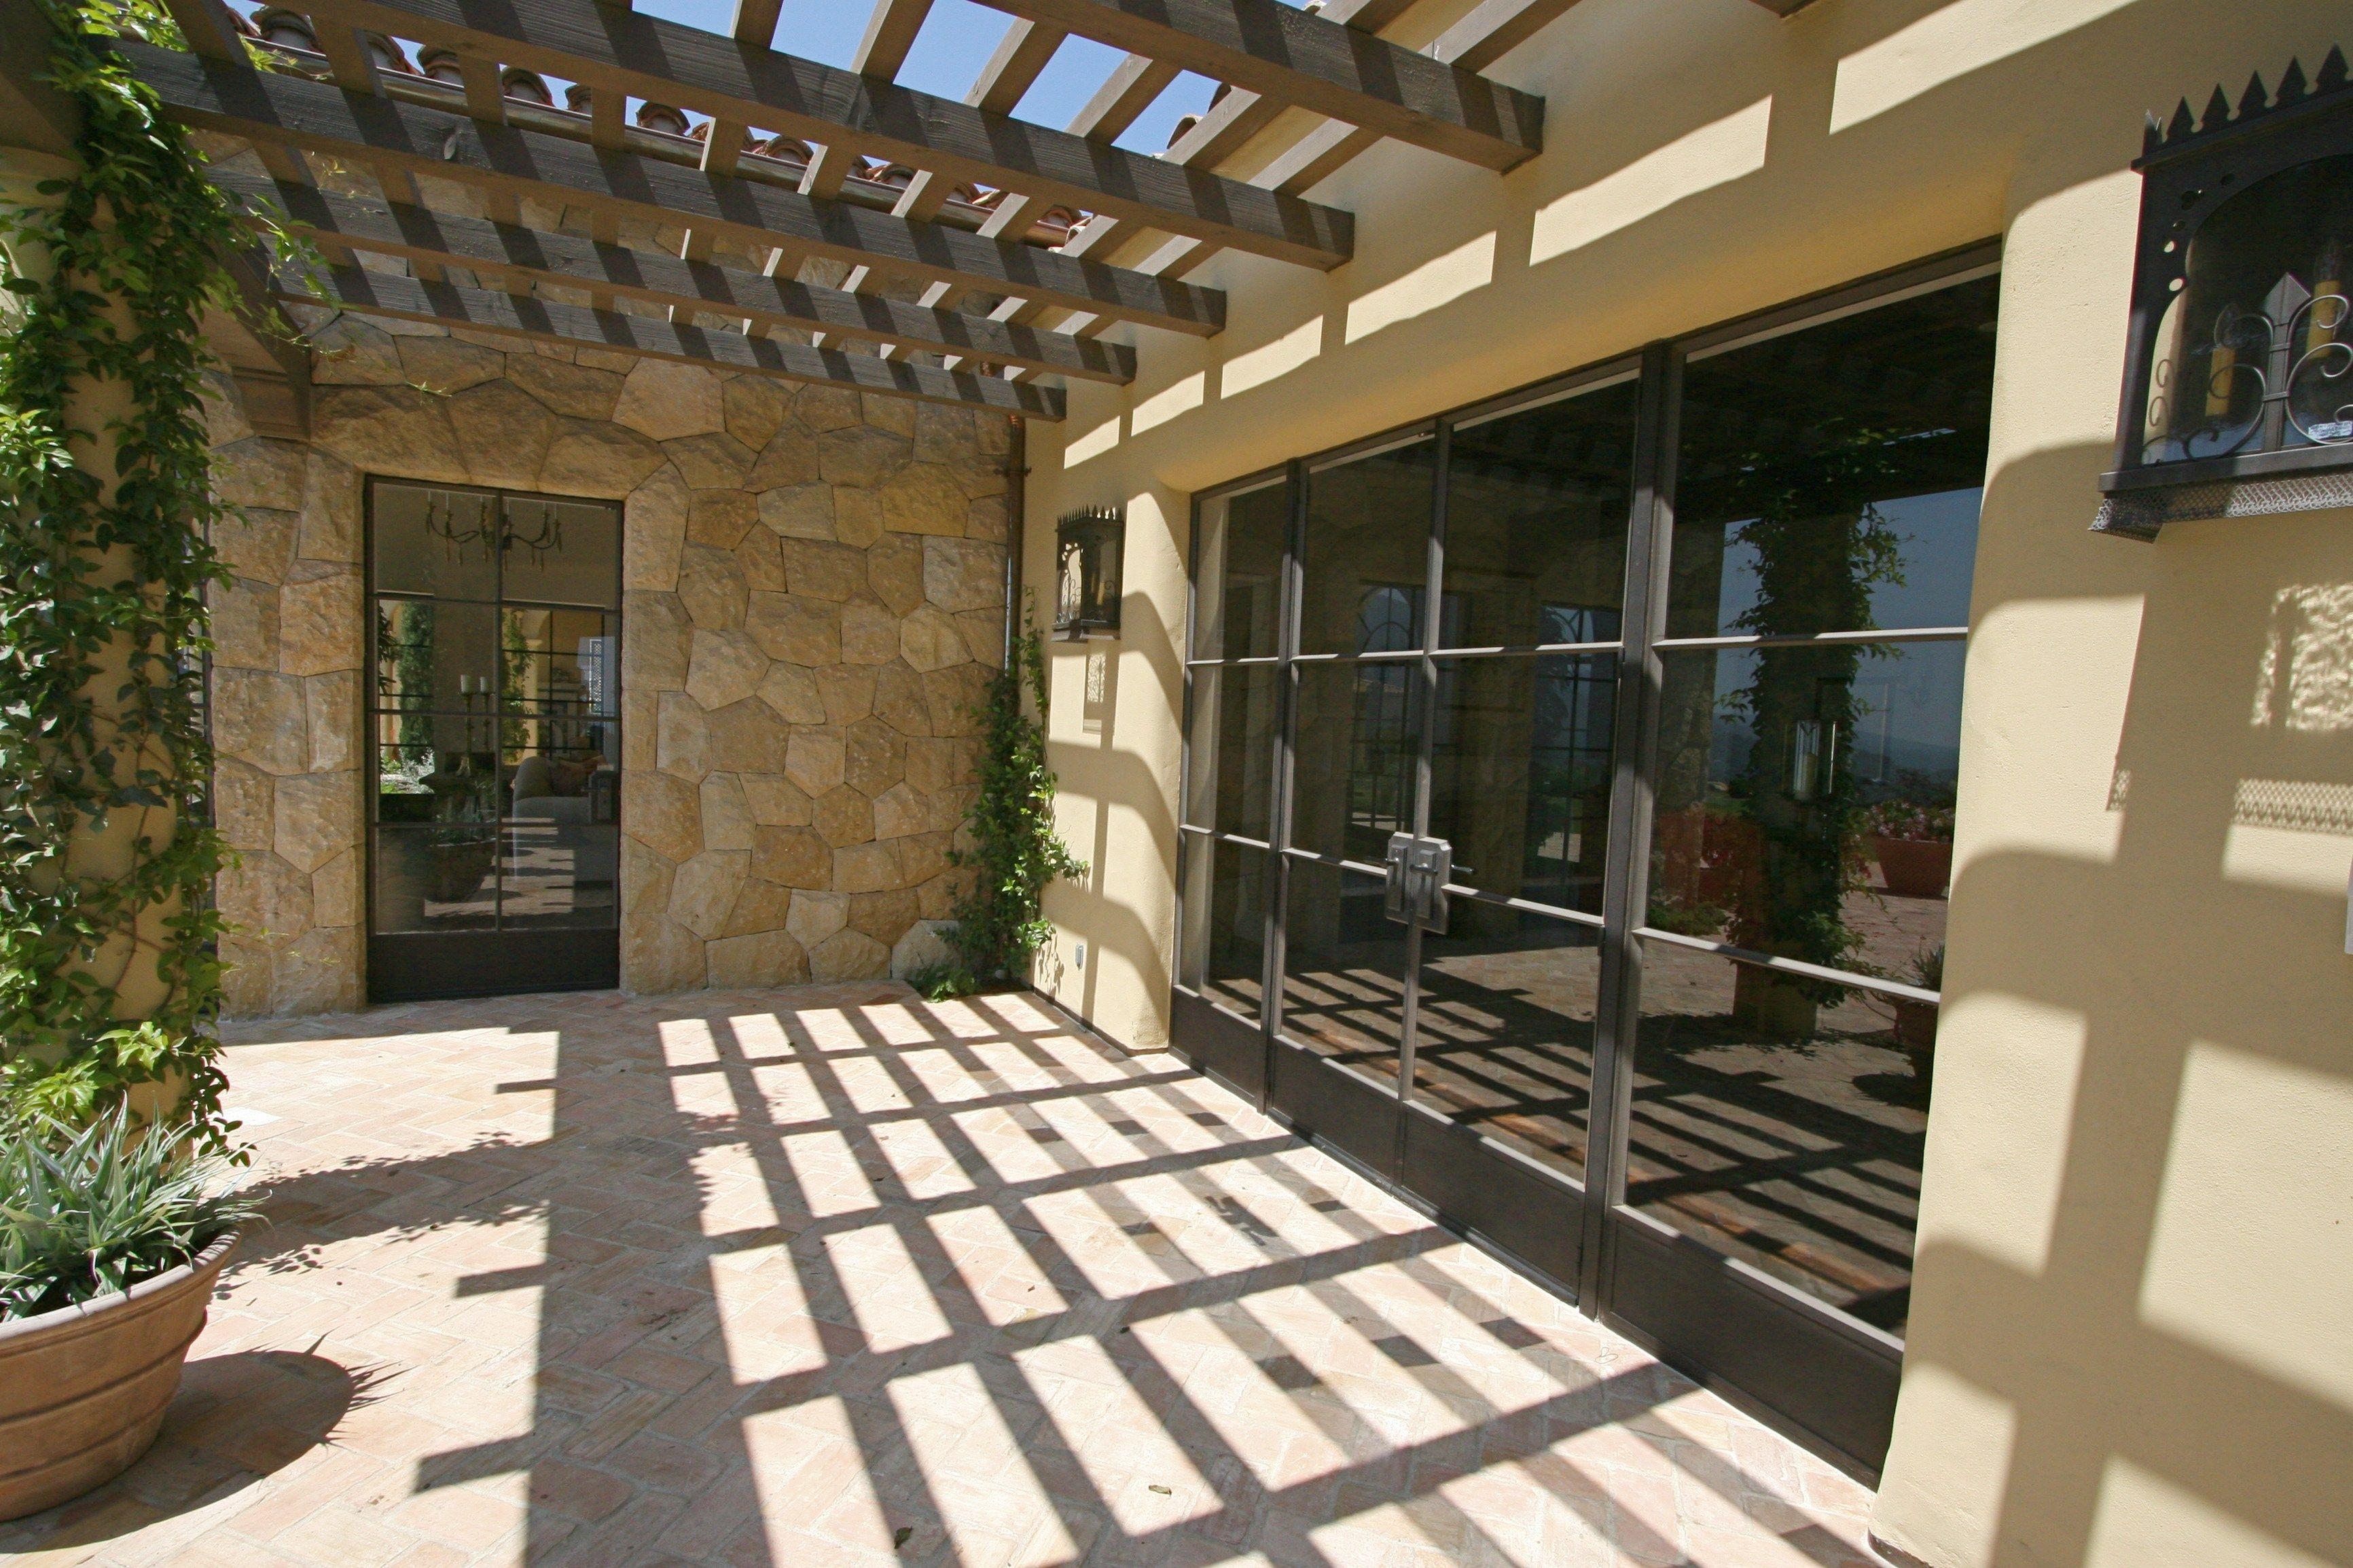 Finestra a battente con doppio vetro in bronzo architettonico bronzo architettonico by mogs - Finestre a doppio vetro ...